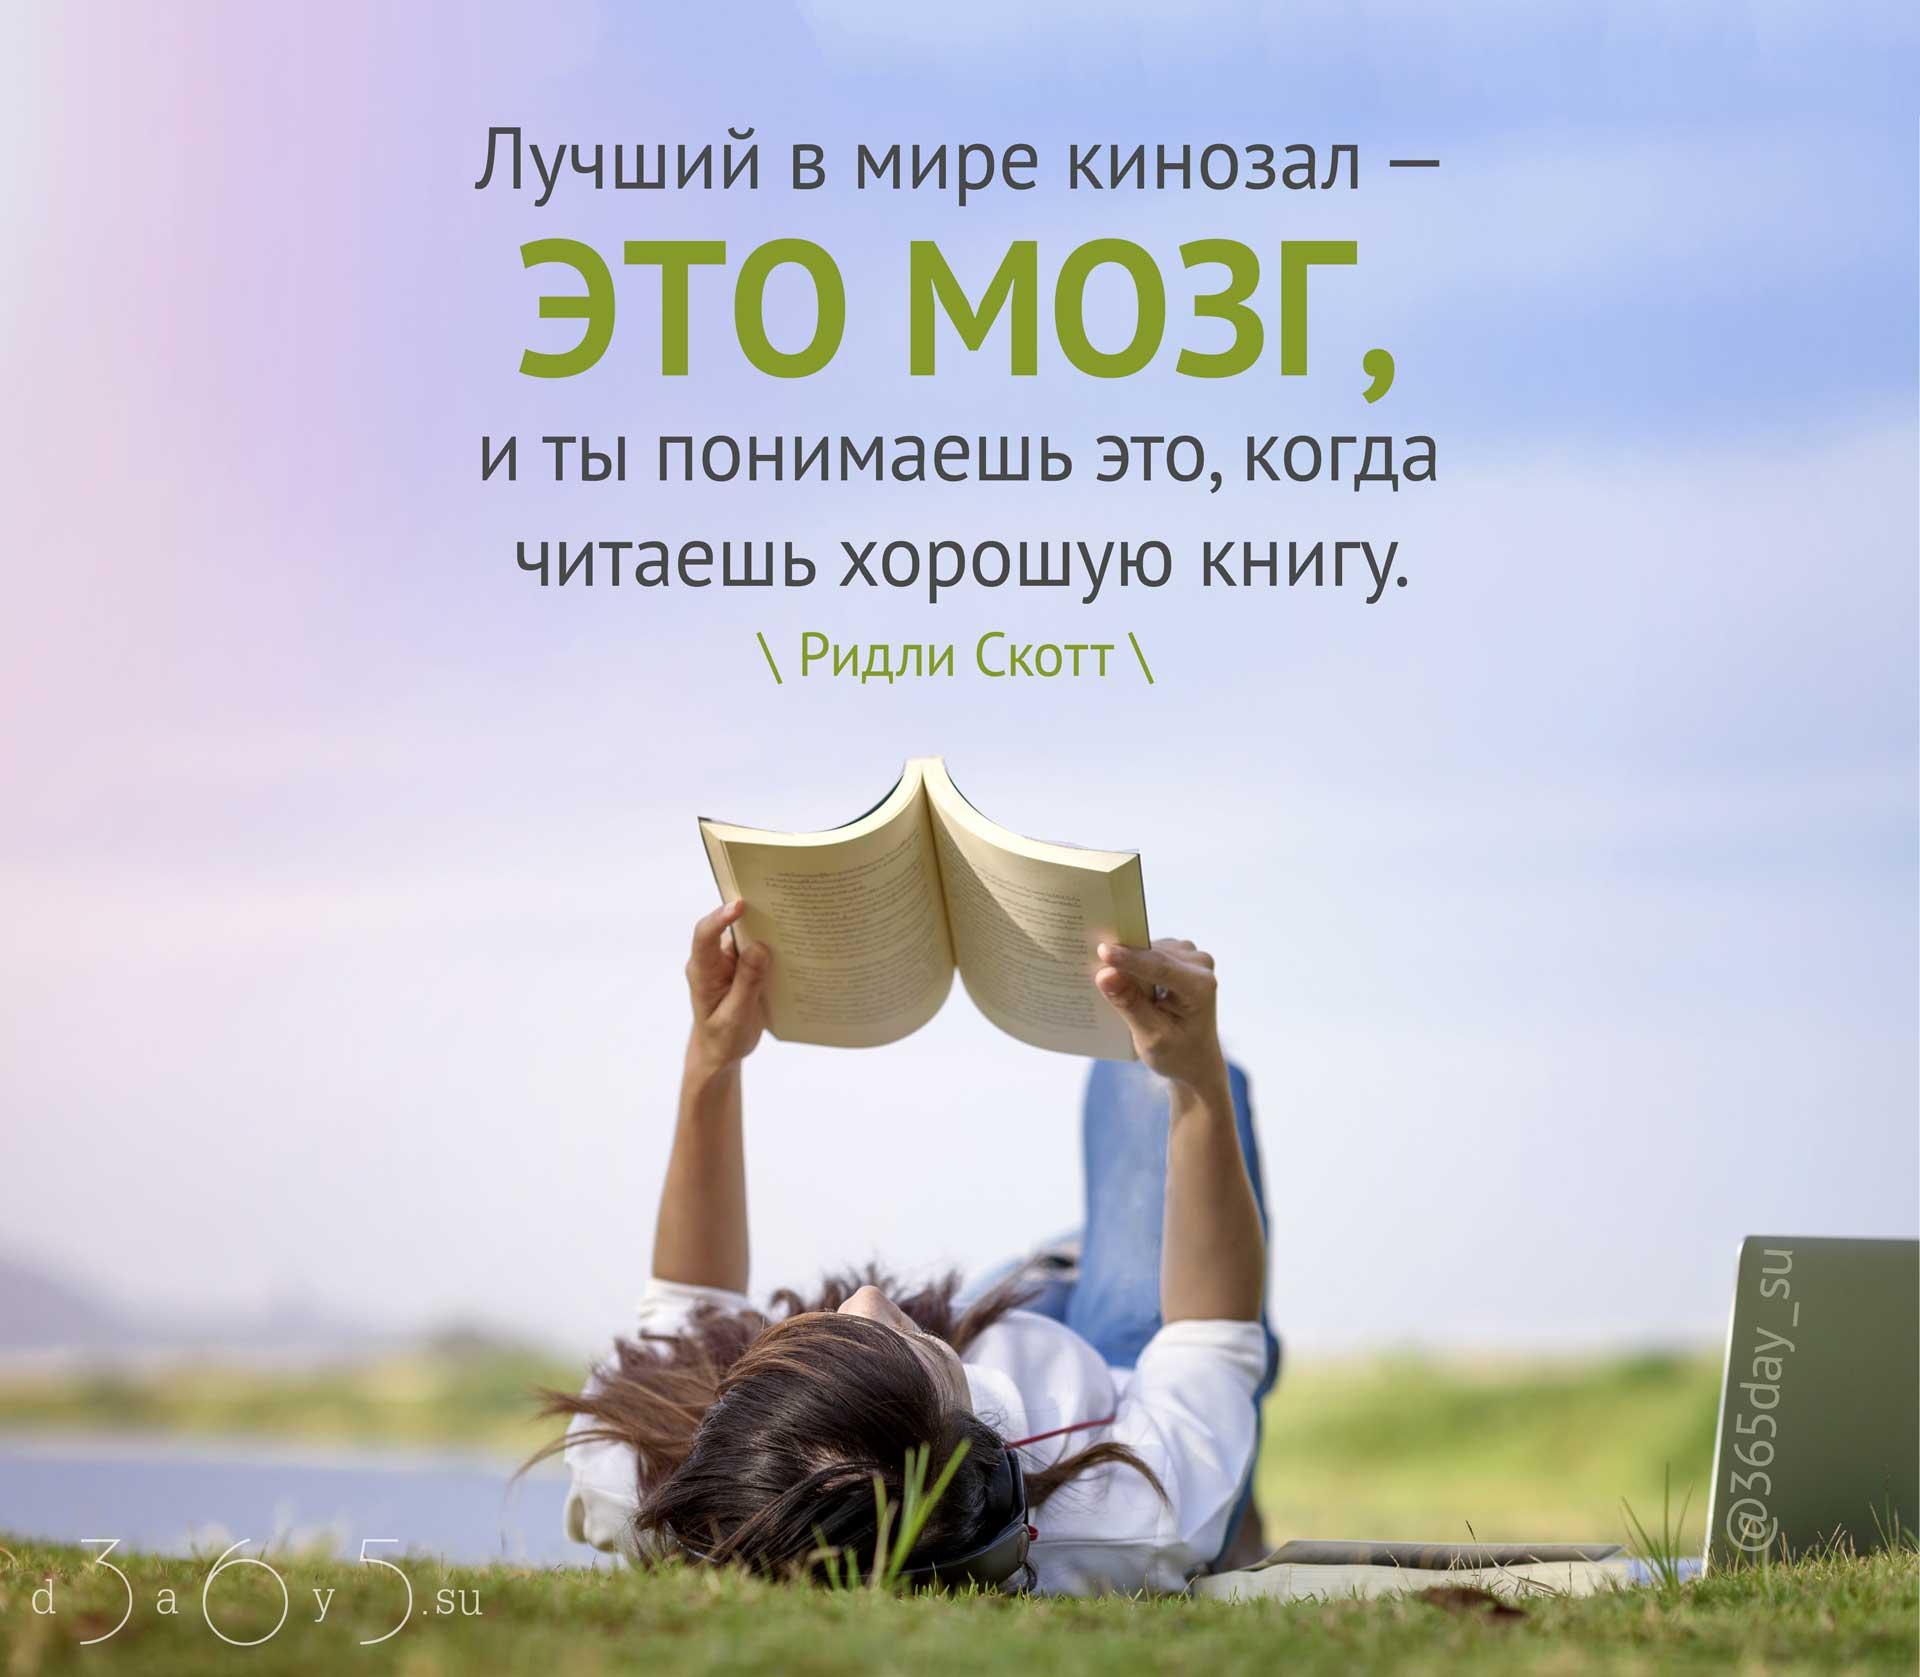 фото картинки с цитатами про чтение этом